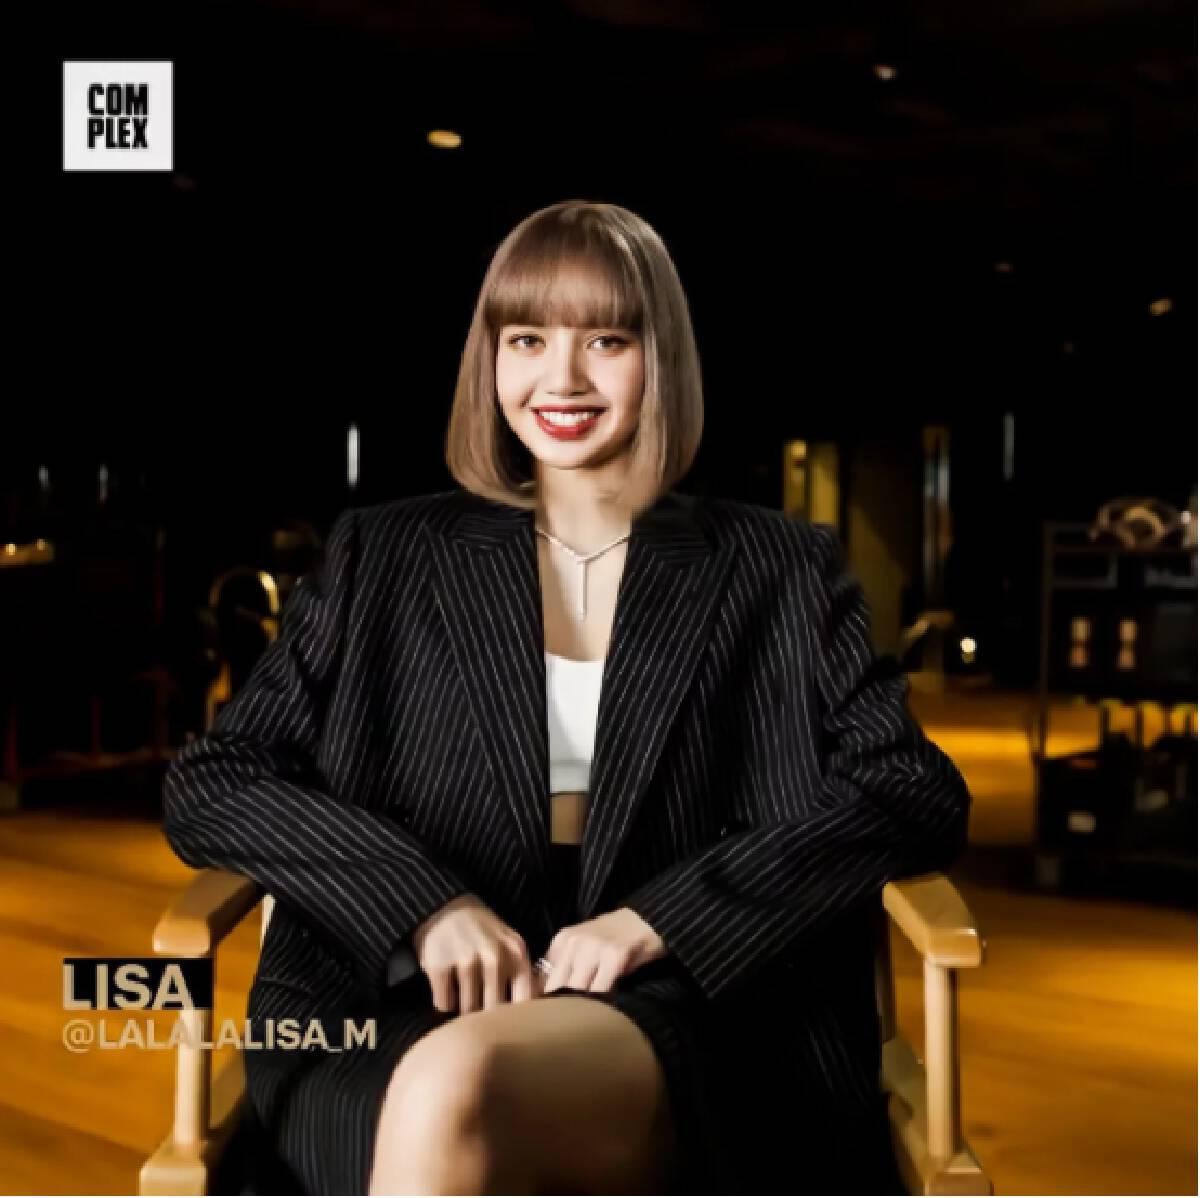 """""""ลิซ่า BLACKPINK"""" หรือ น.ส.ลลิษา มโนบาล ศิลปินสาวชาวไทยชื่อดังระดับโลก"""